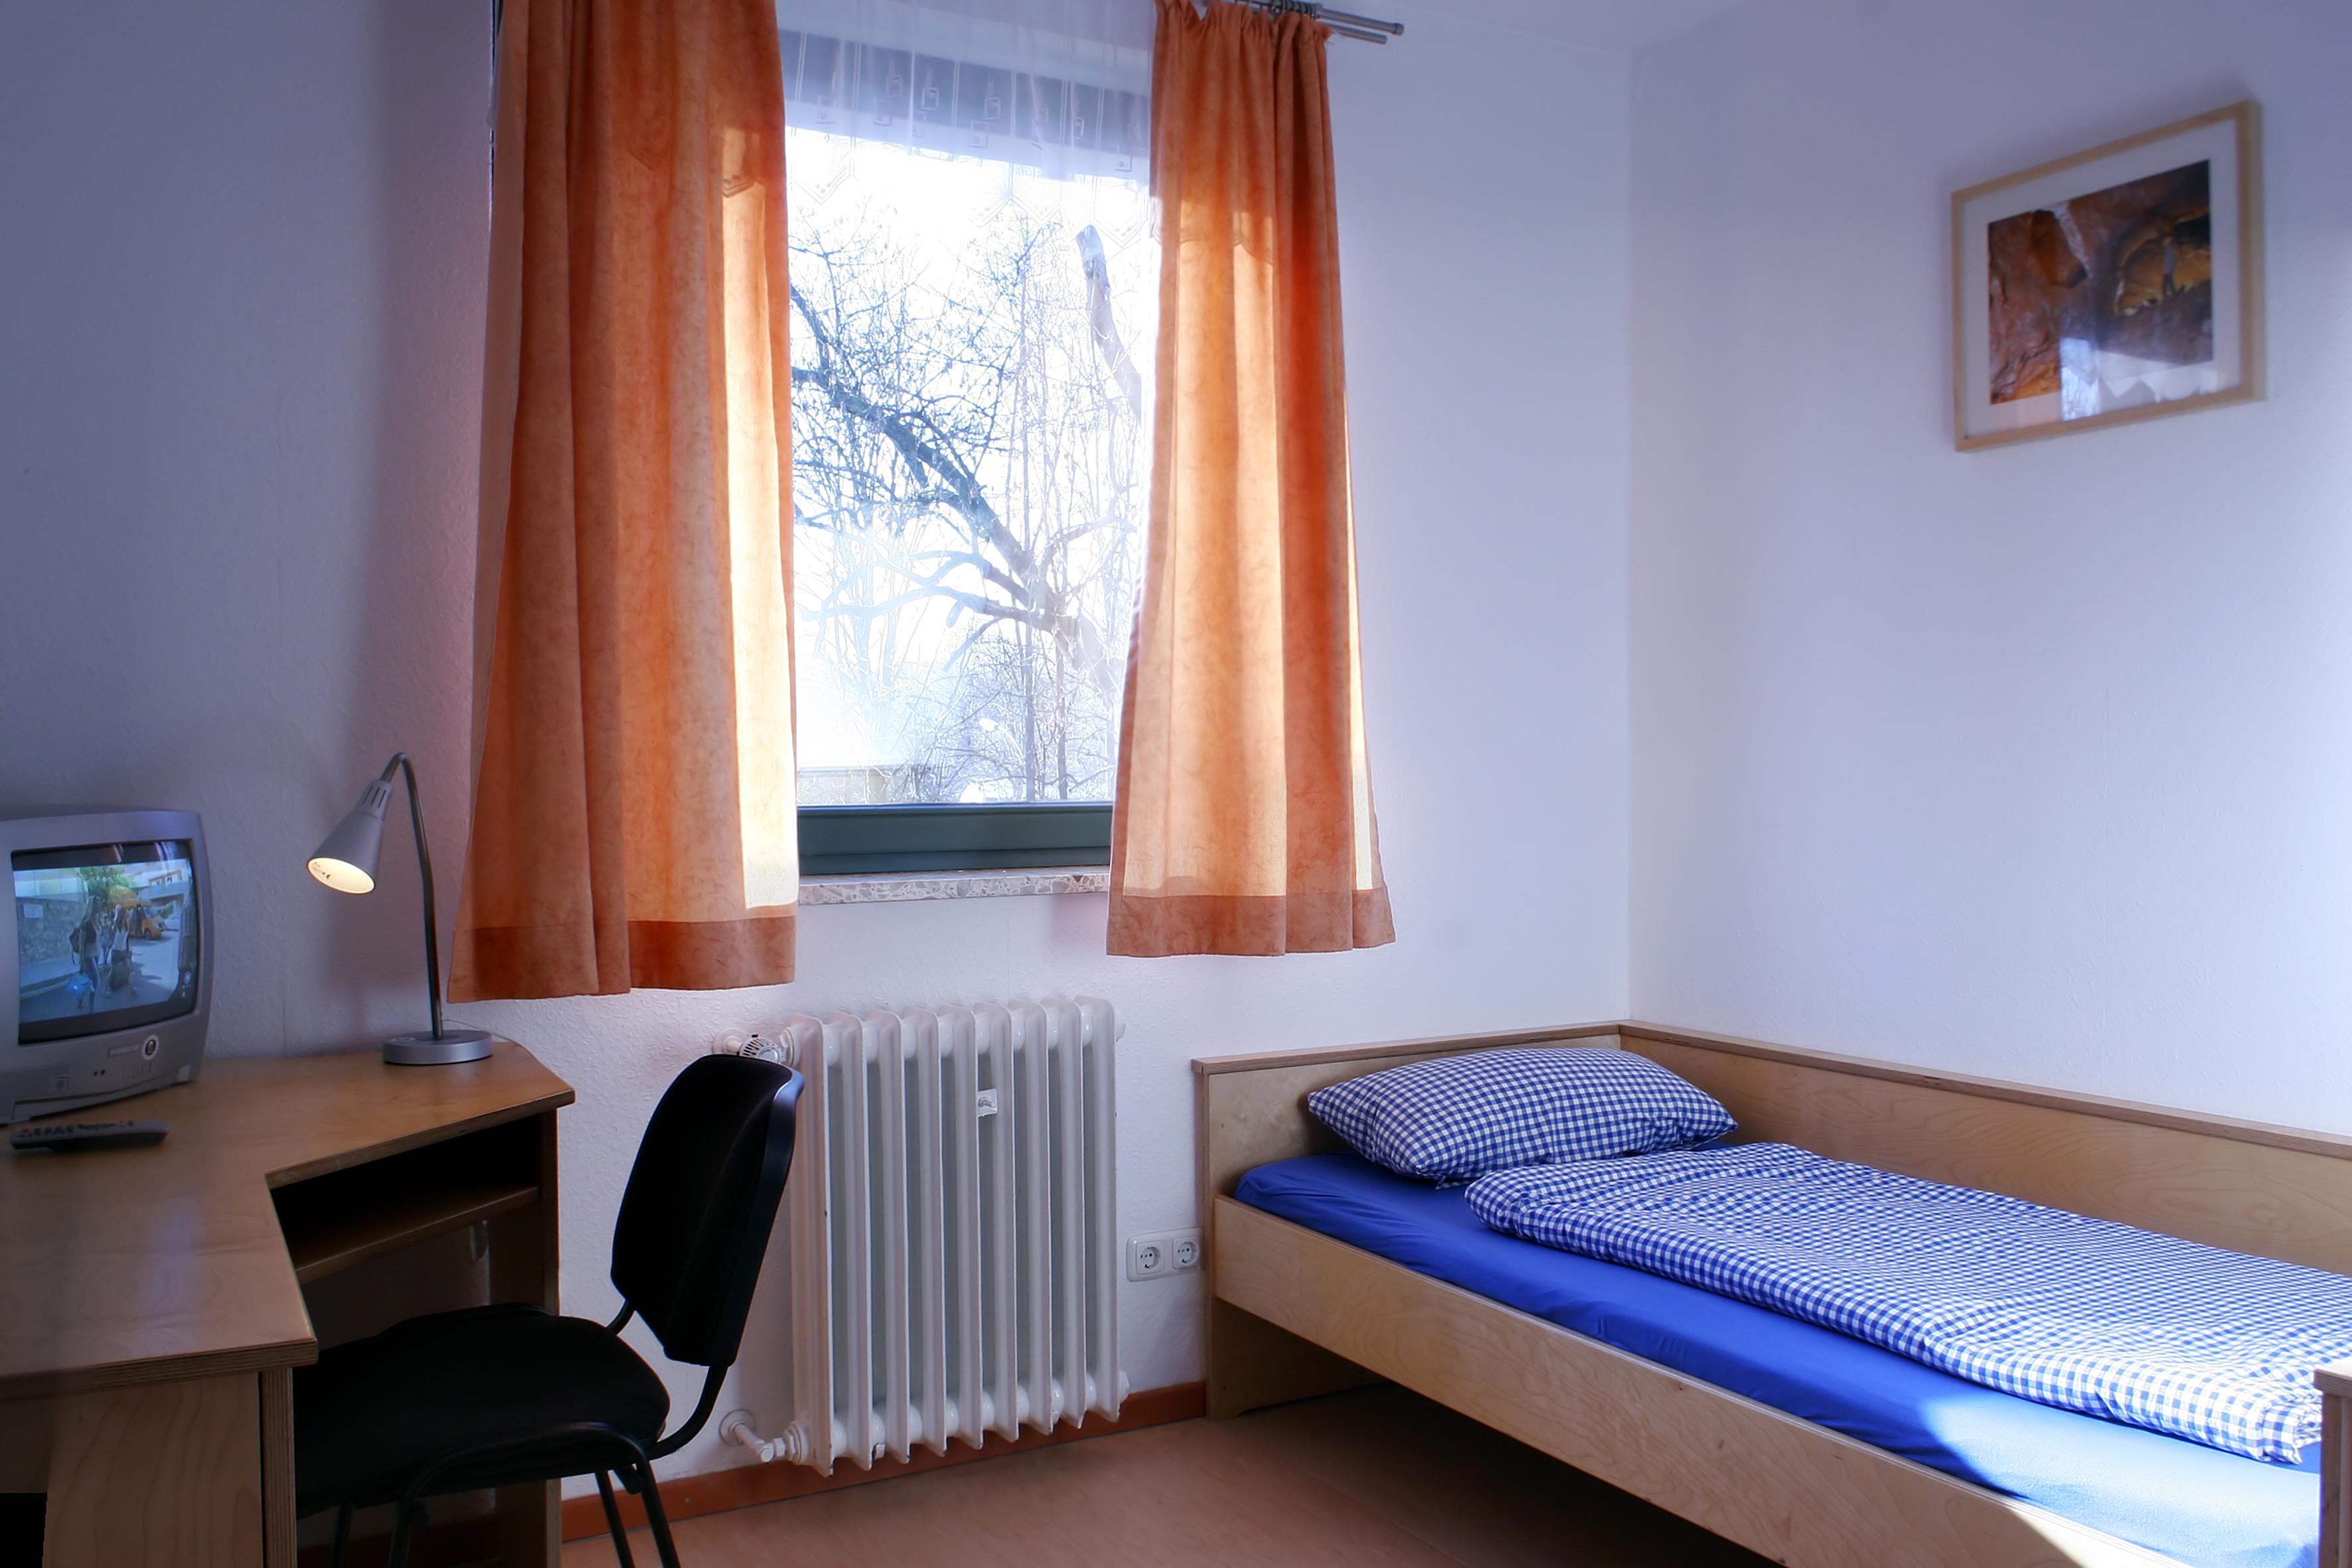 Jugendgästehaus in Osterode am Harz - Einzelzimmer